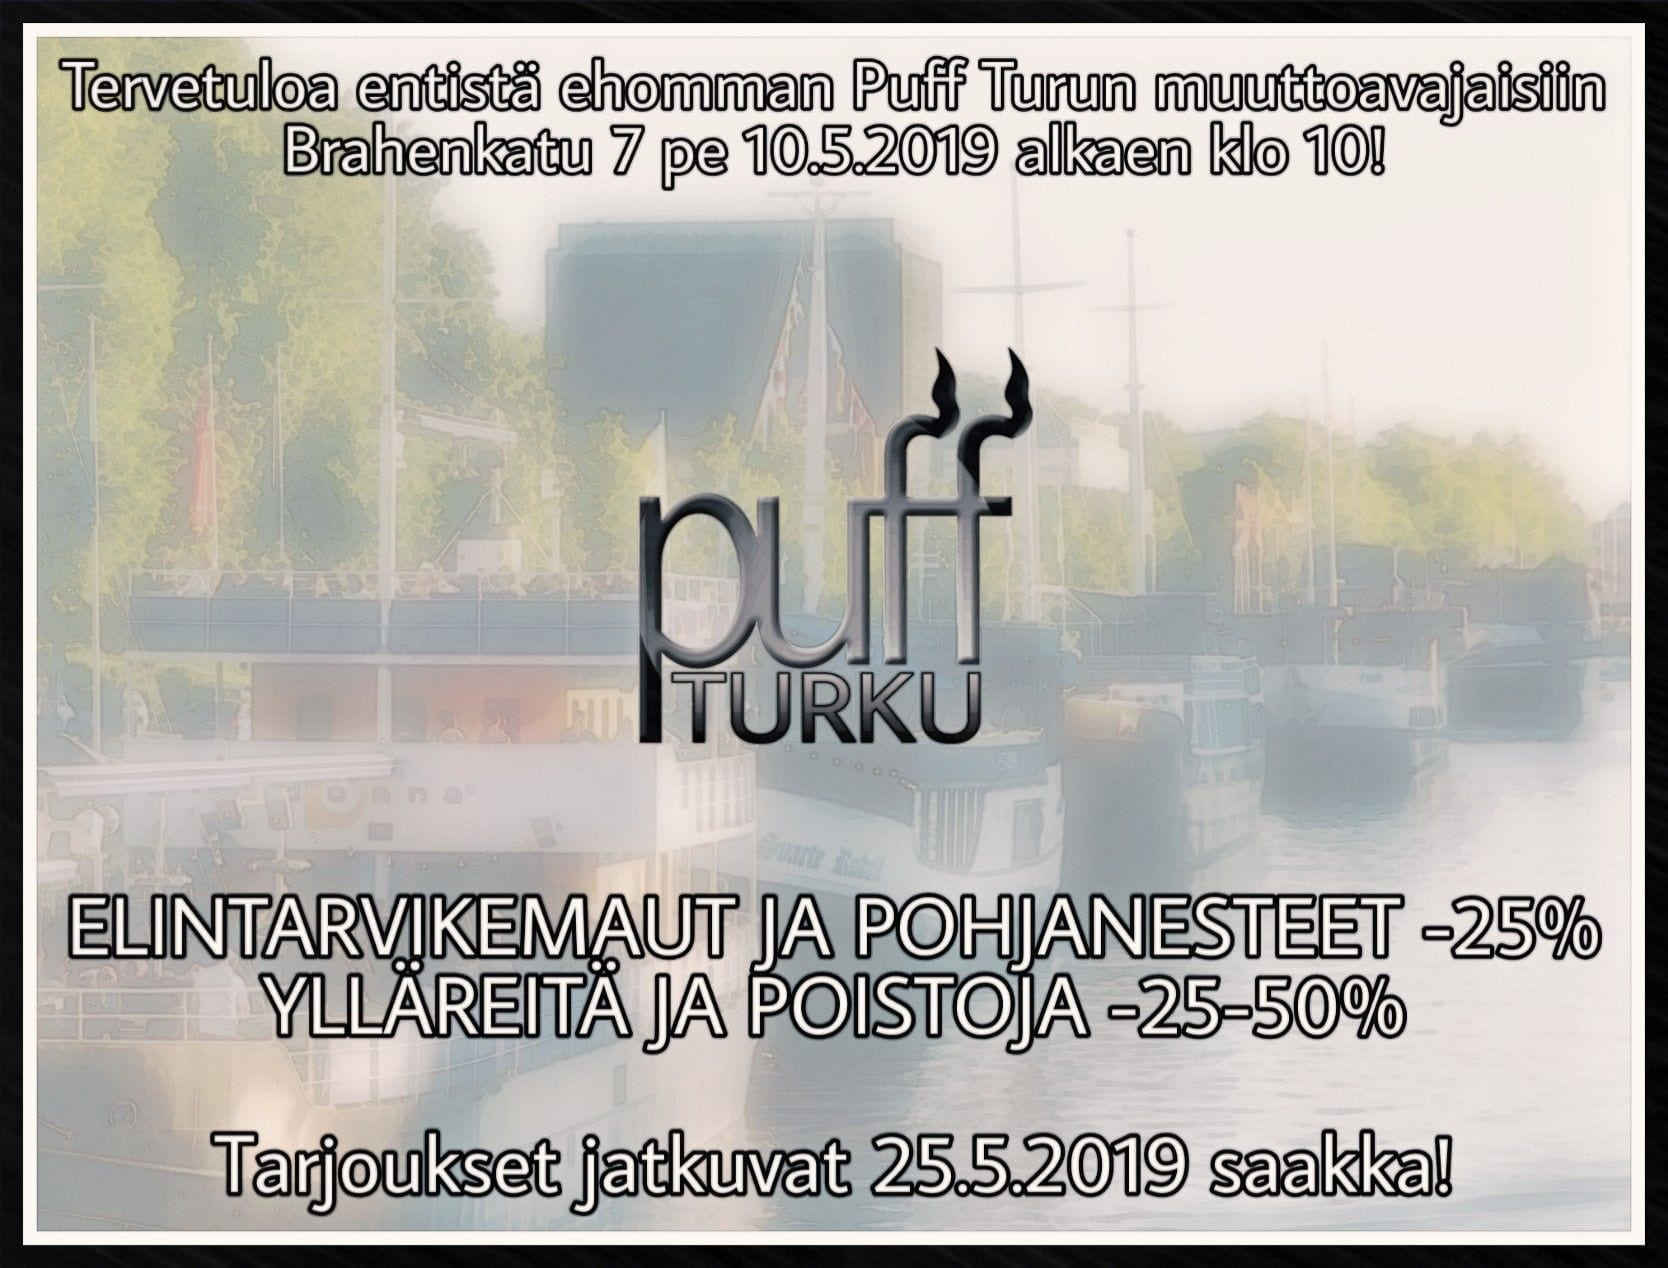 Puff Turun muuttoavajaiset 10.5.2019